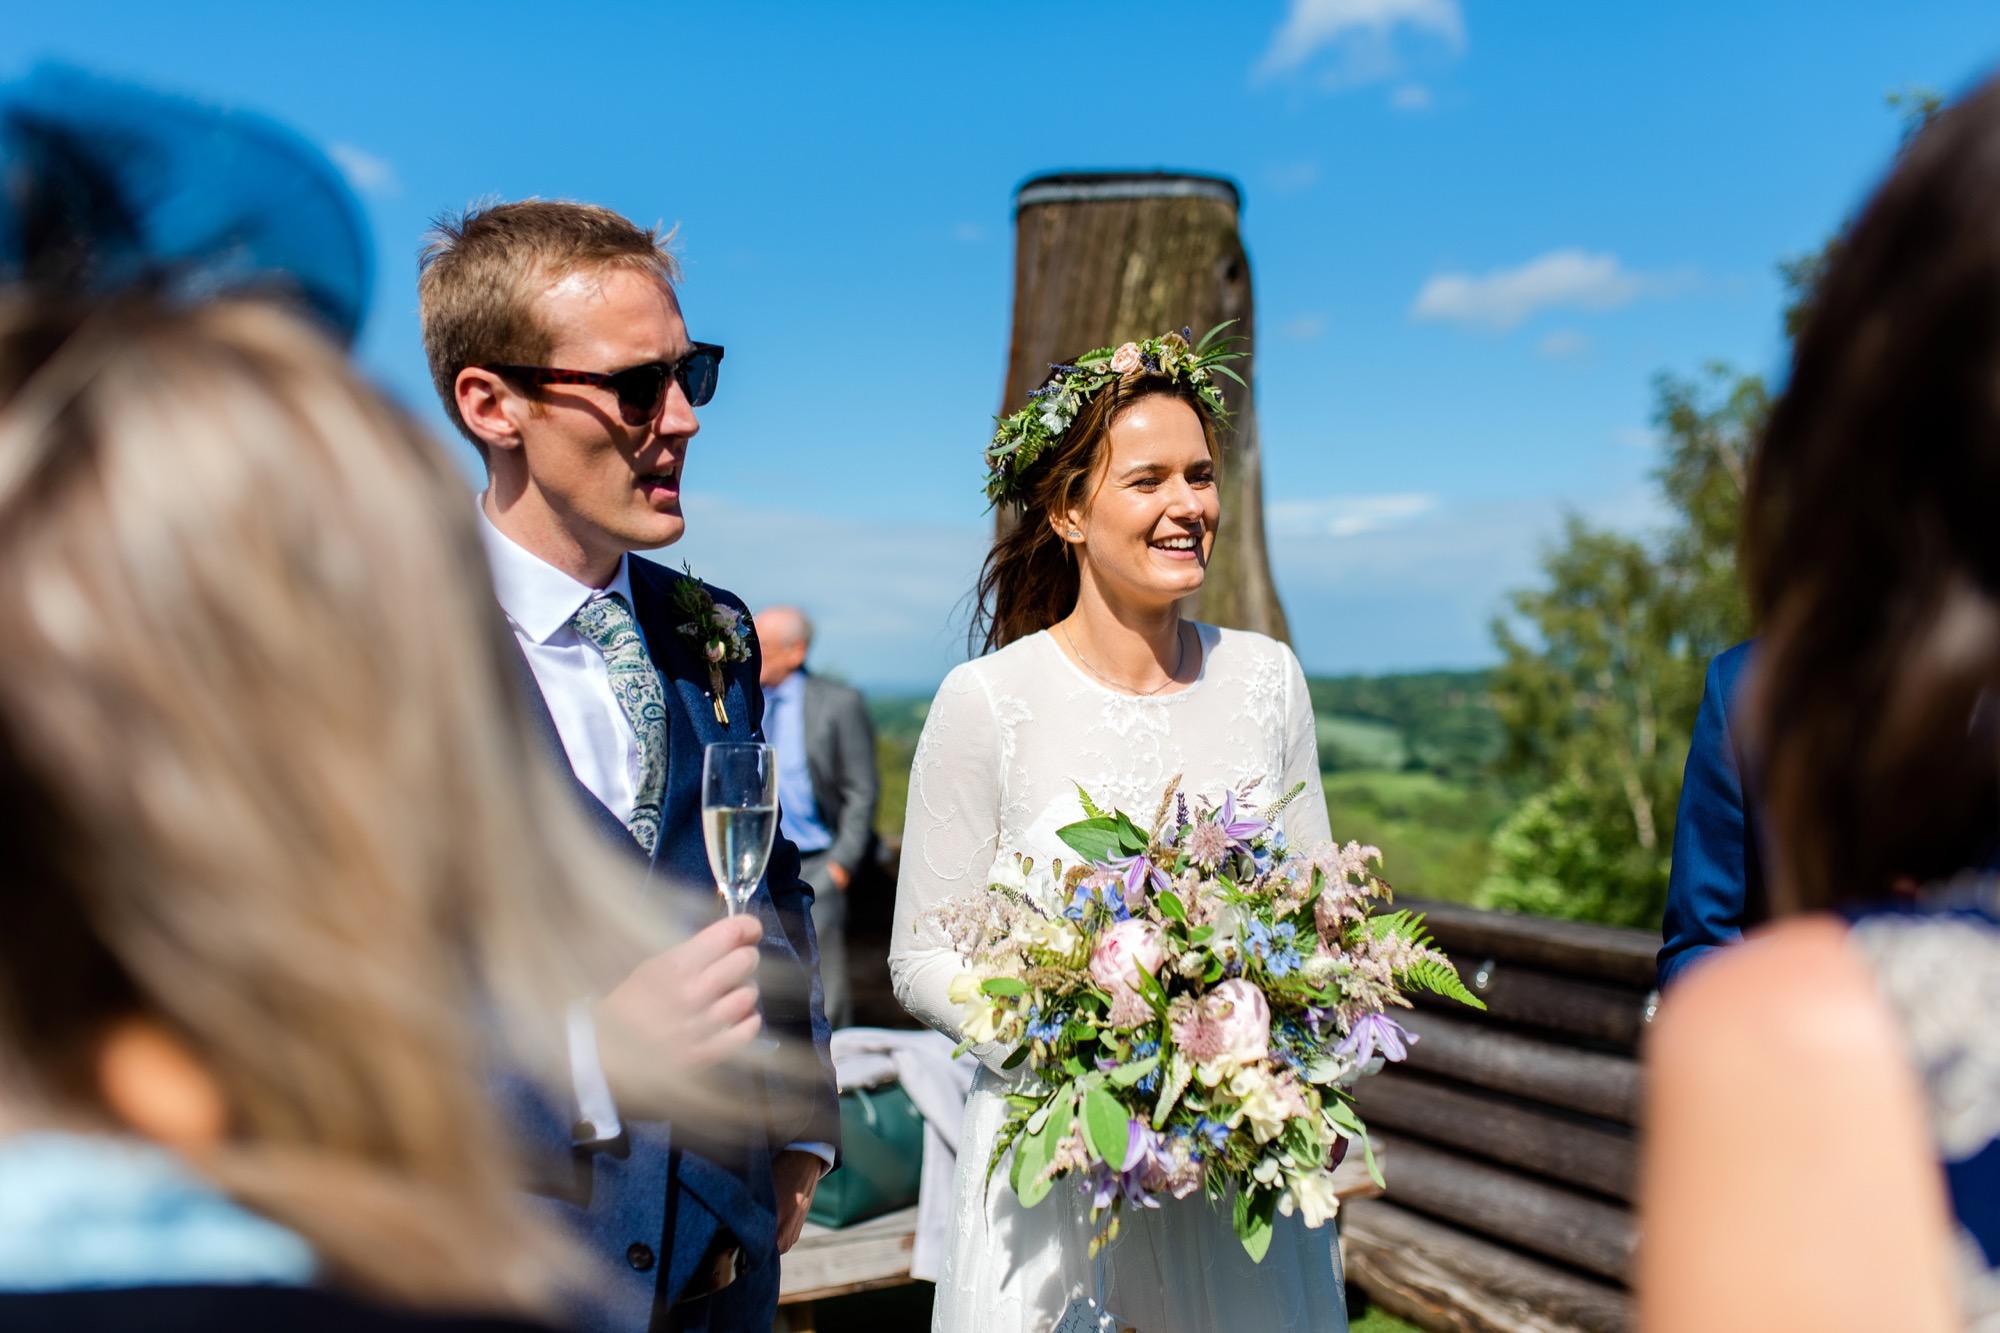 Nessa and Mark wedding 08 06 19-419.jpg